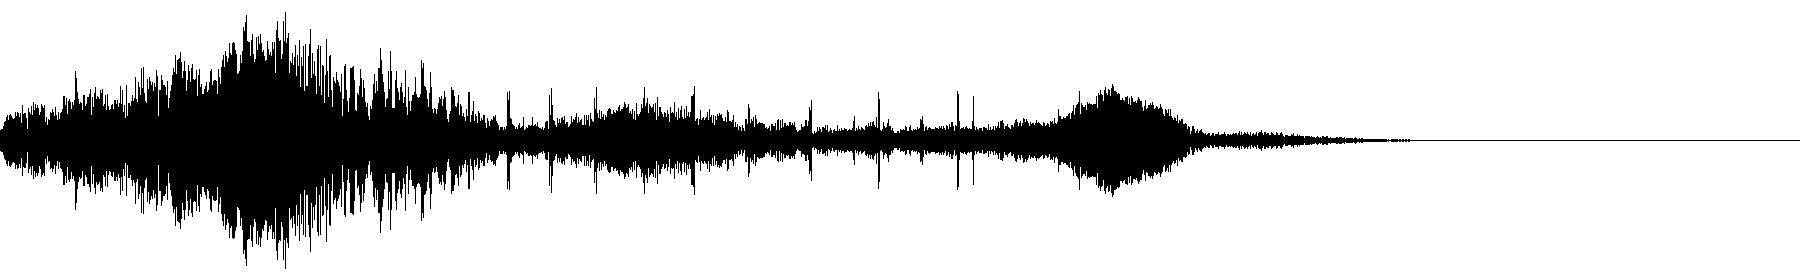 bluezone orbit sound 004